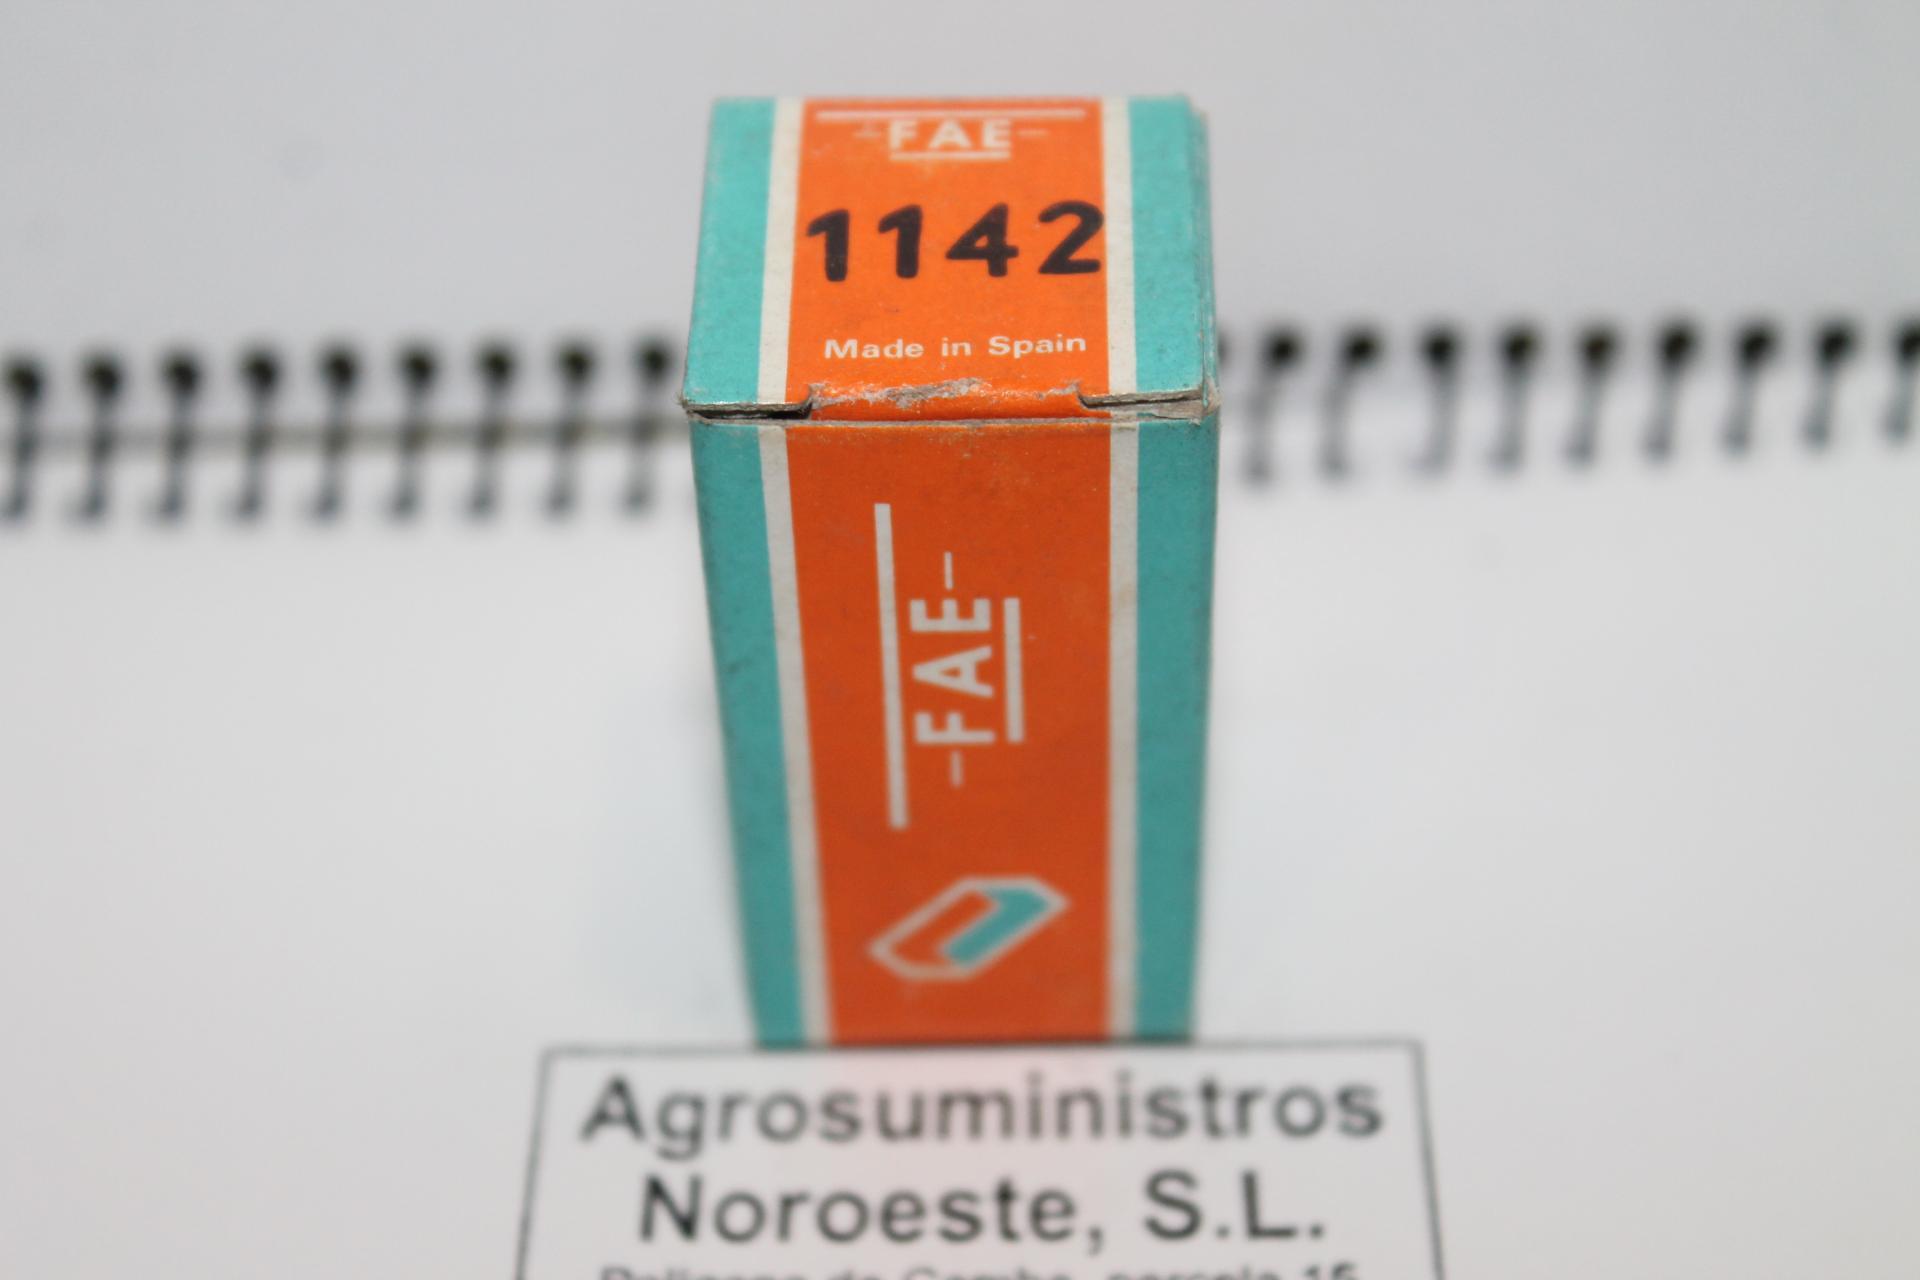 Manocontacto FAE 1142